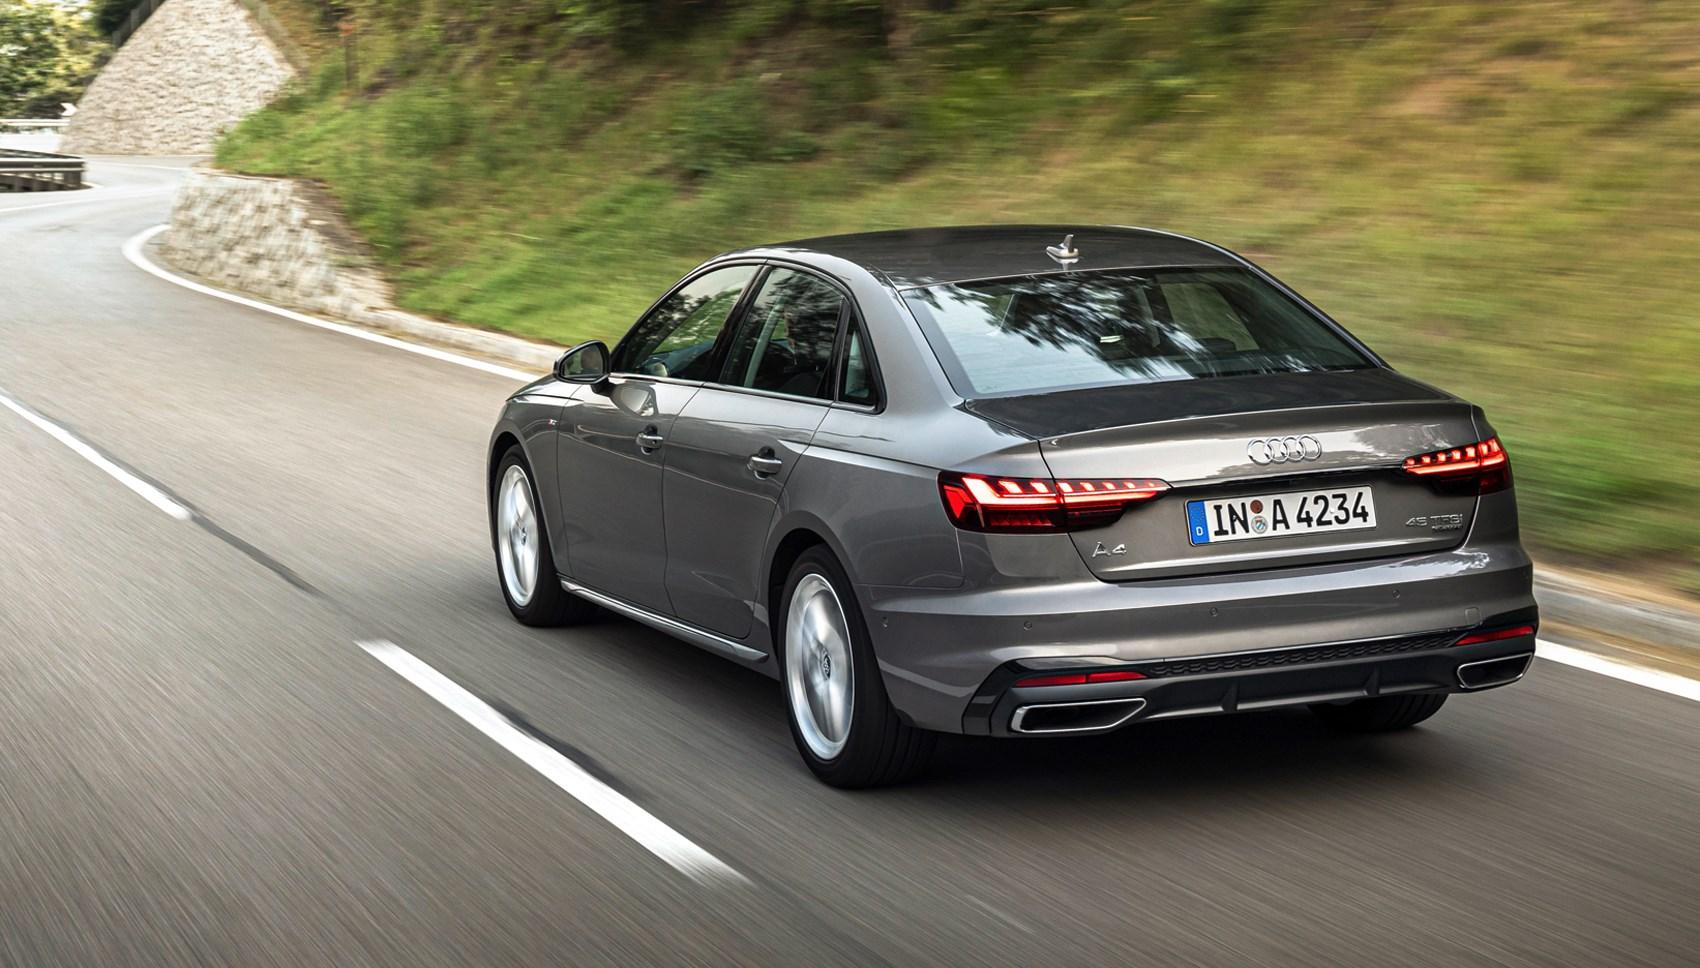 Audi A4 rear trackin